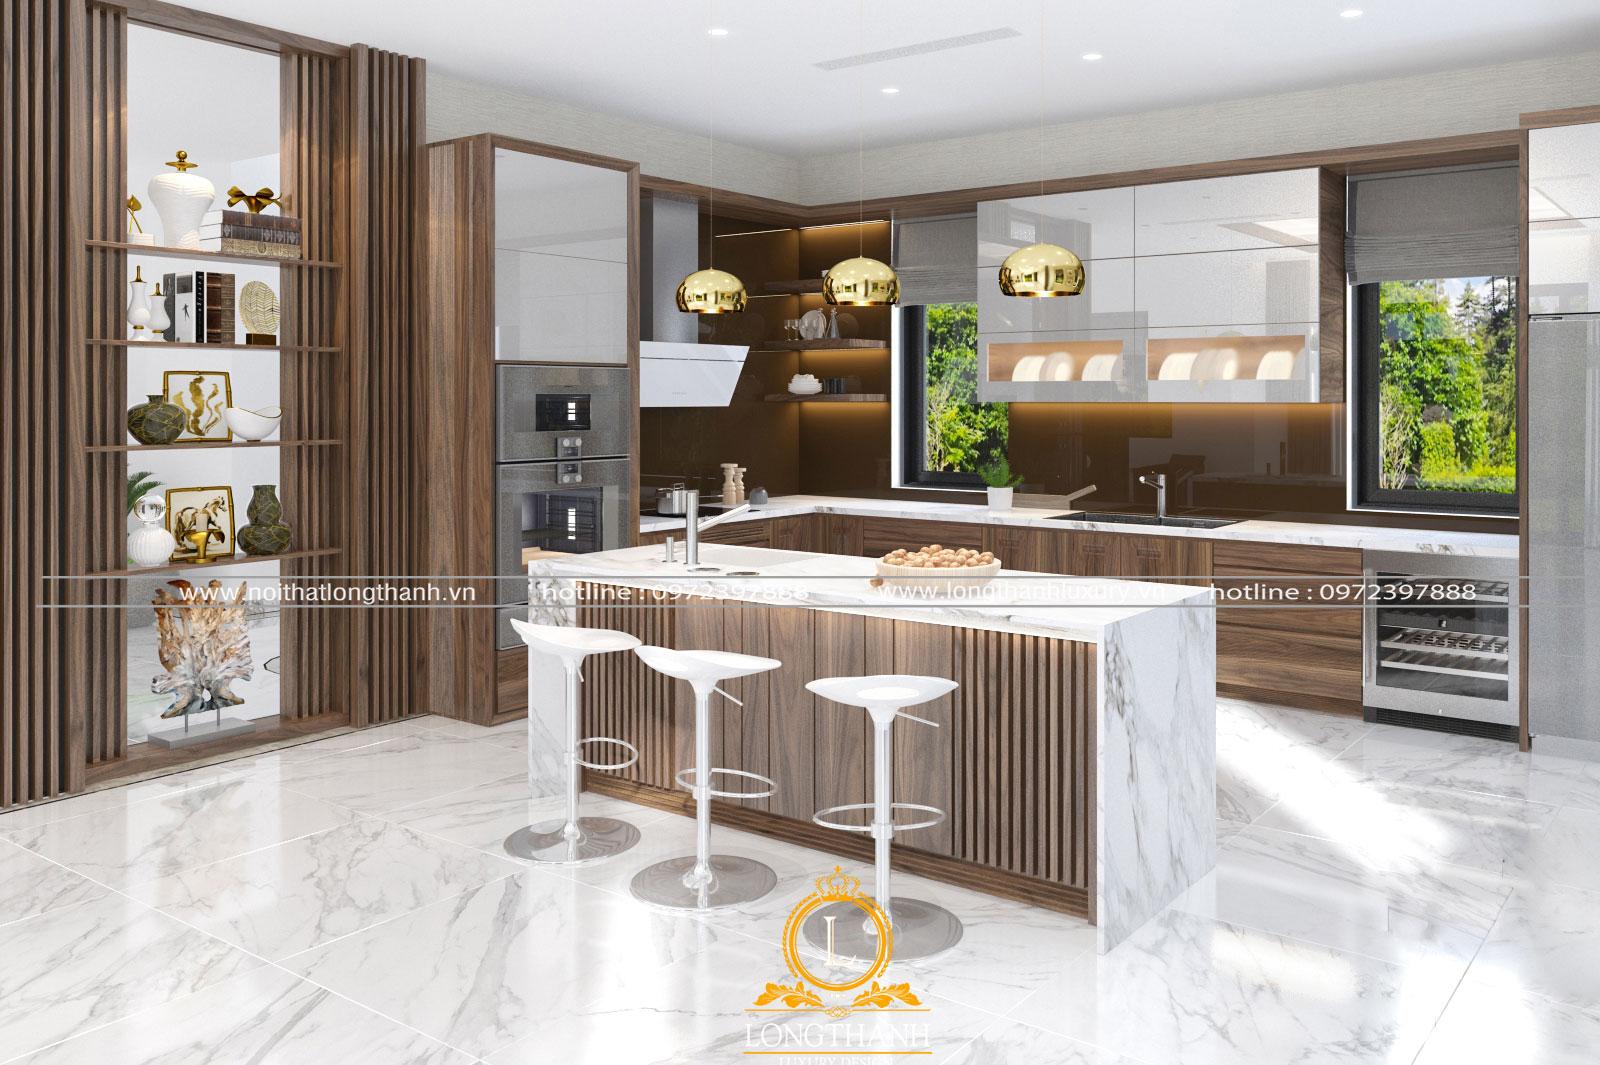 Phòng bếp với thiết kế hiện đại cho không gian vừa và nhỏ